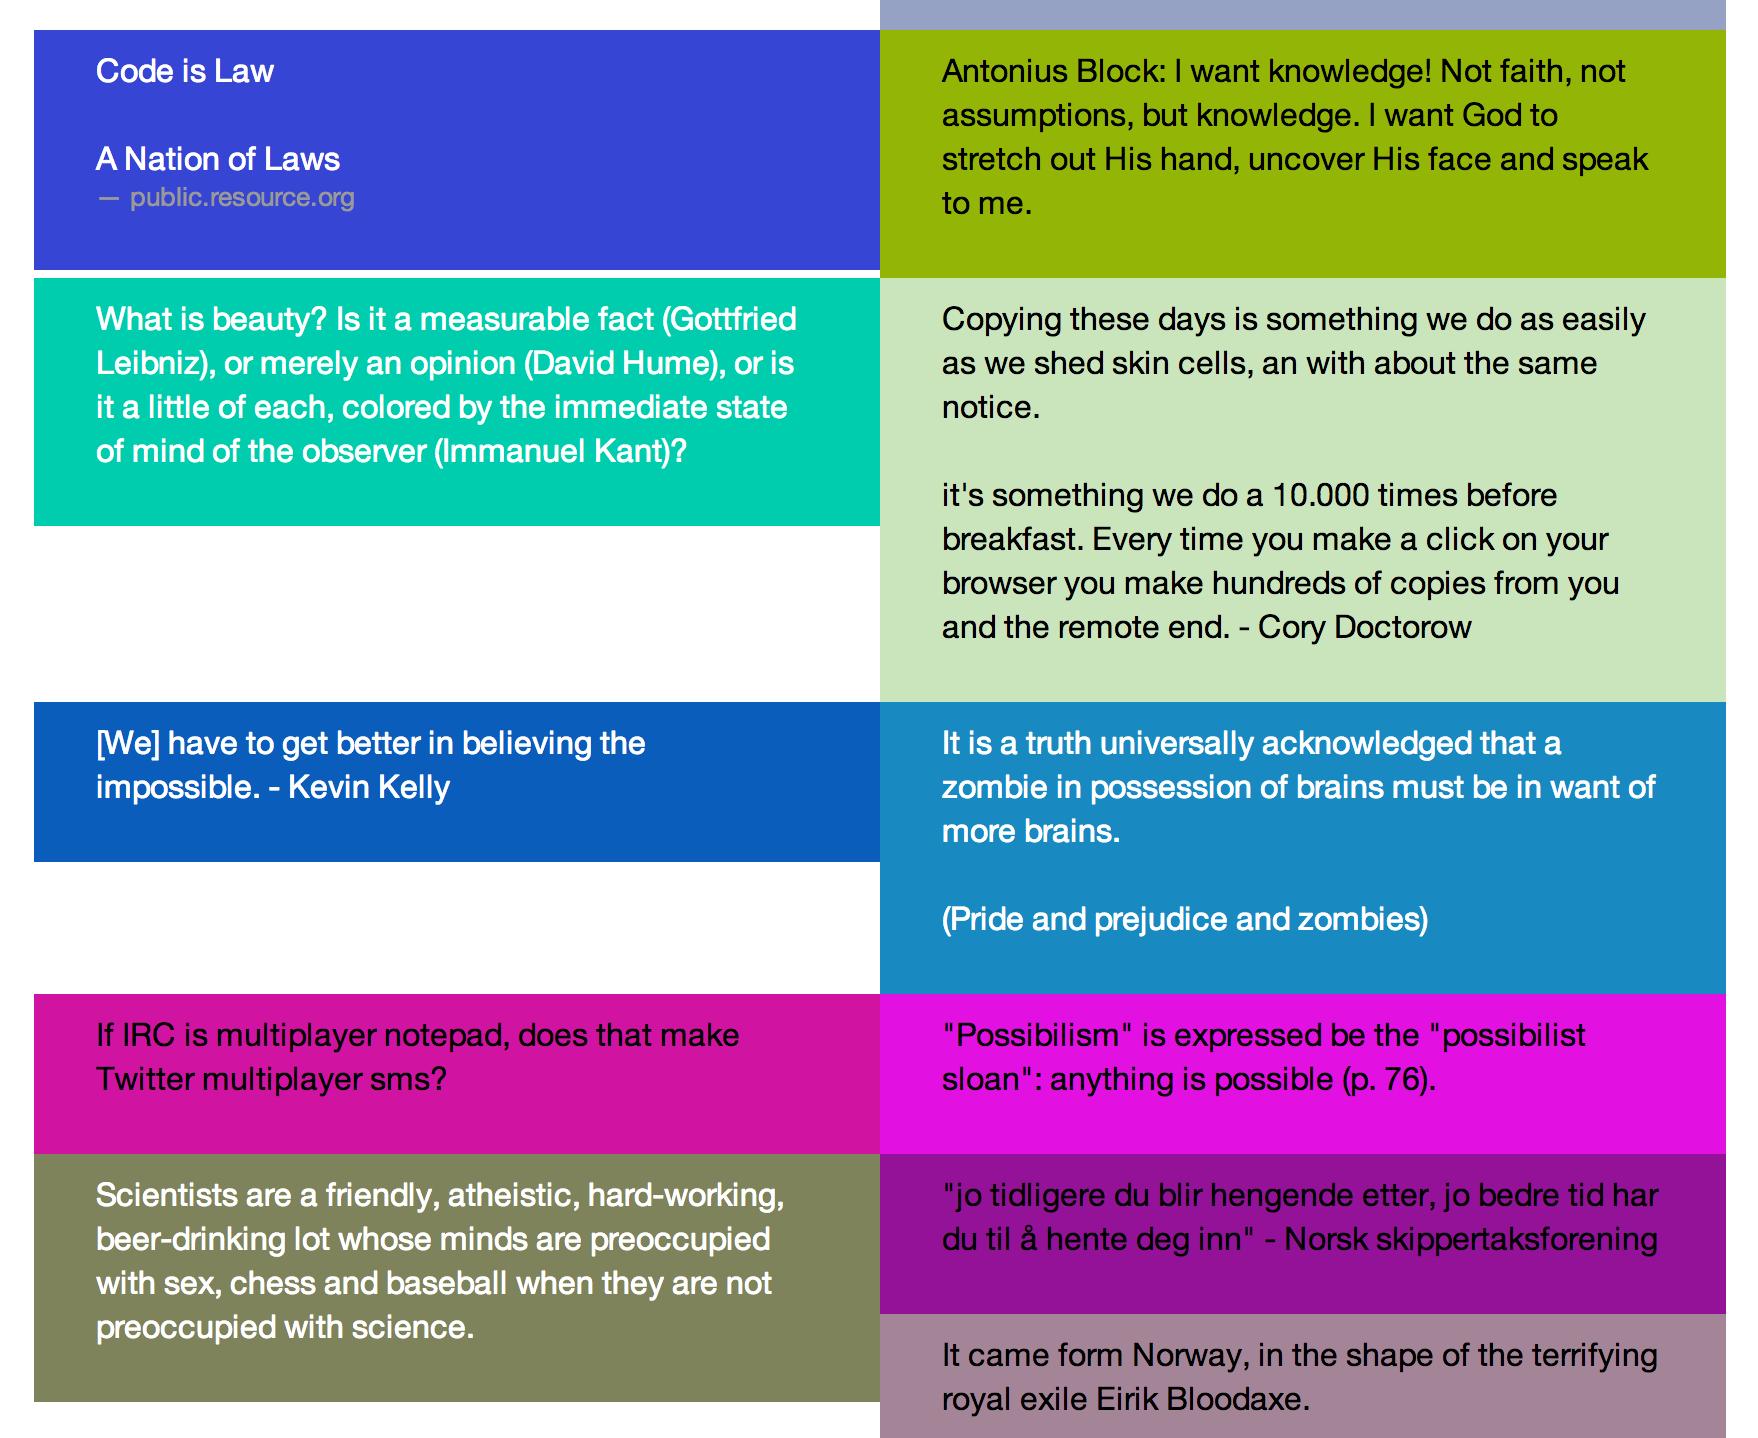 dopplrs farge-algoritme i bruk på sitater